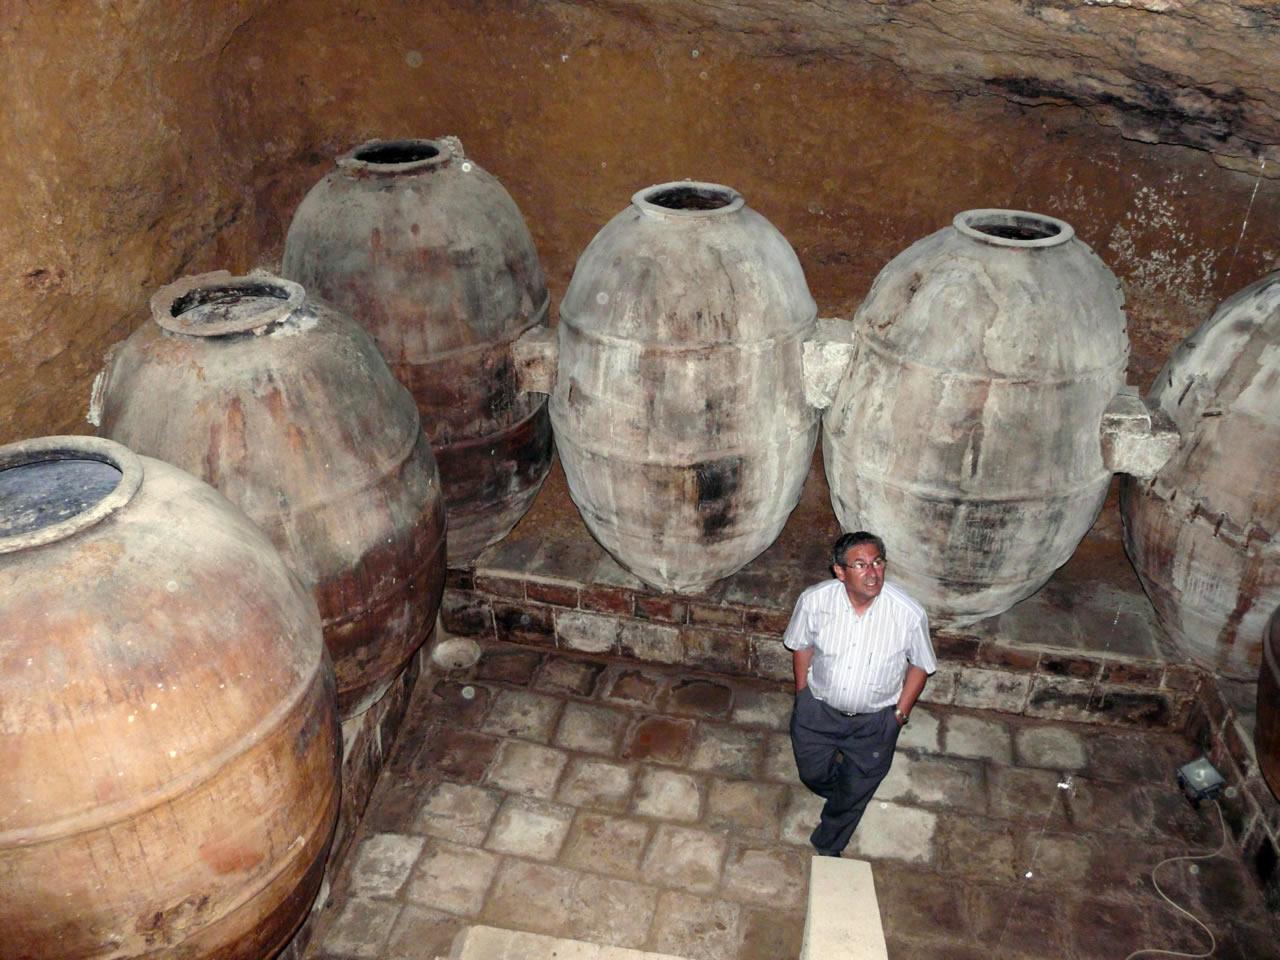 requena-alcalde-cesion-llaves-palacio-del-cid